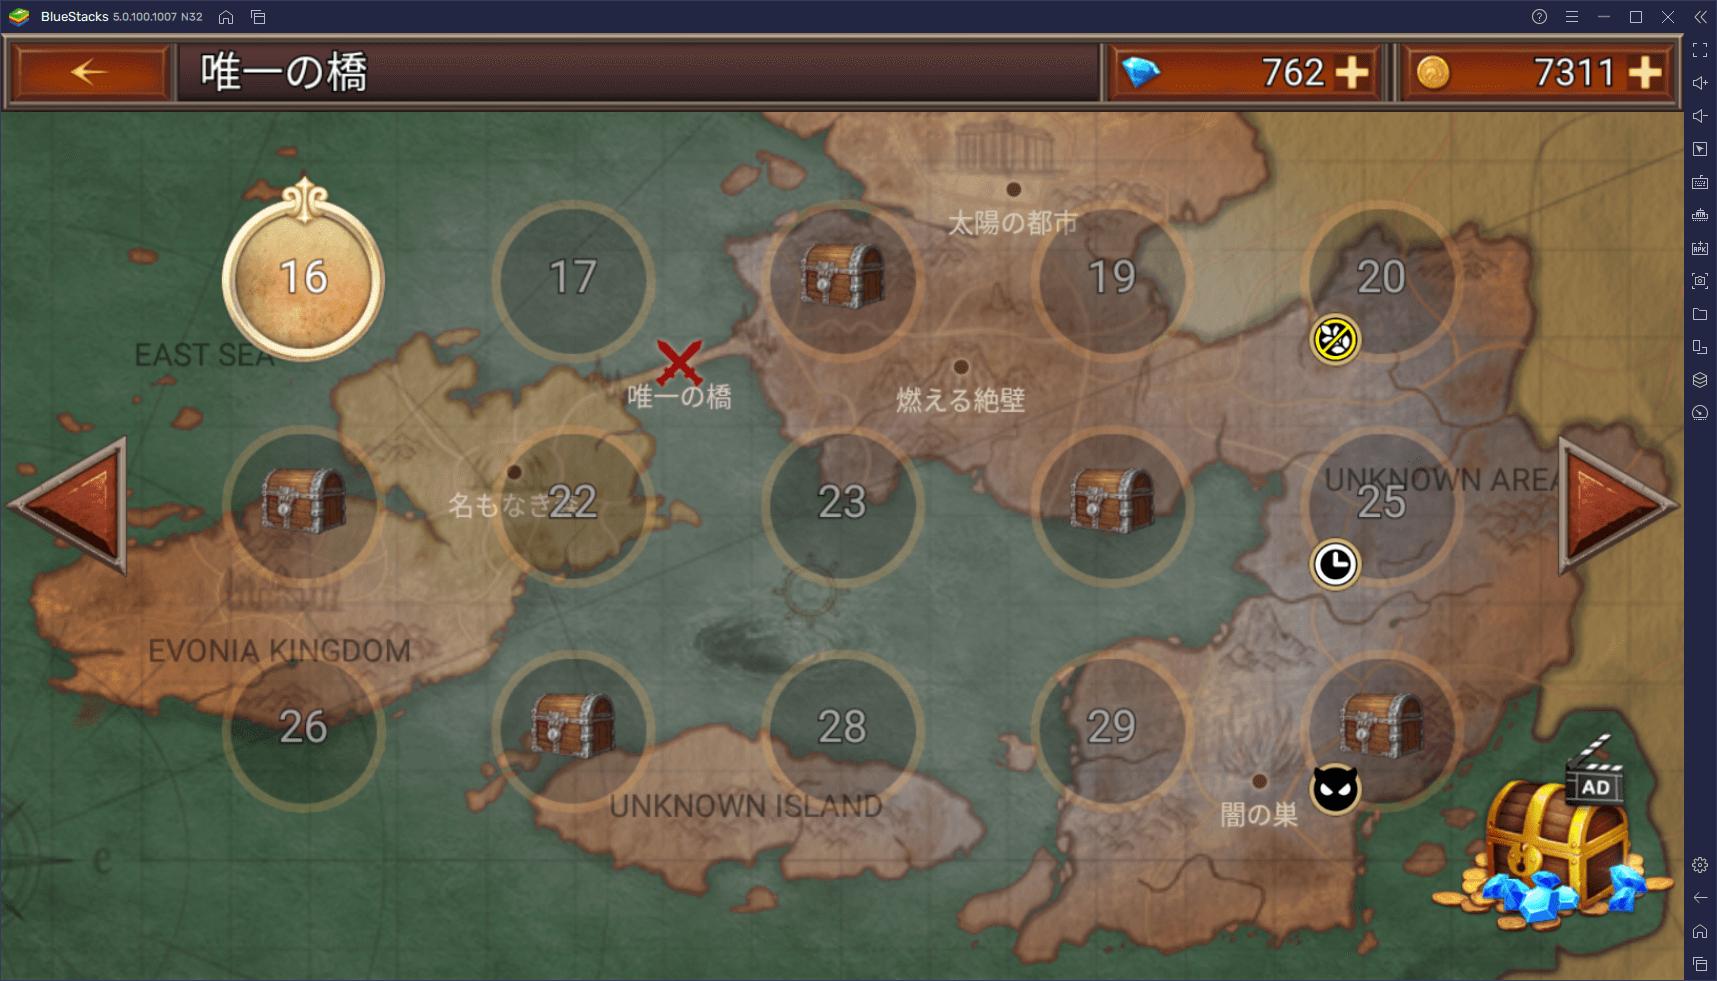 BlueStacksを使ってPCで『バトルセブンキングダムズ : キングダムウォーズ2』を遊ぼう